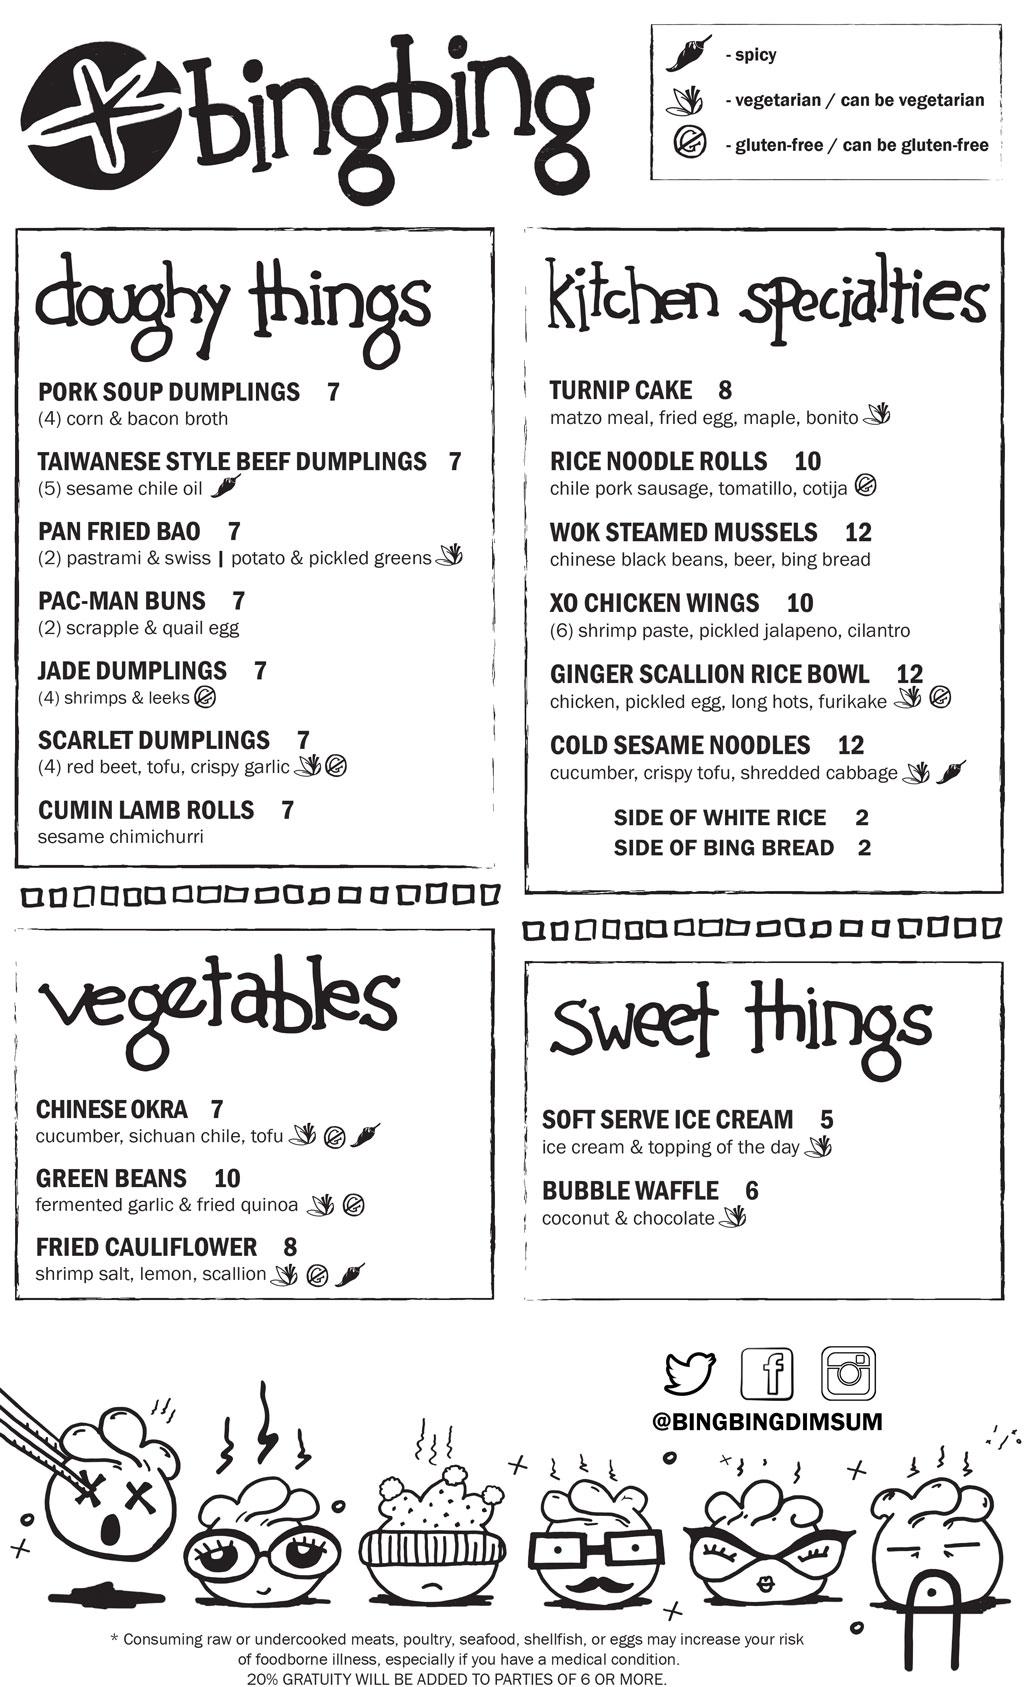 bing-bing-menu-06-08-15